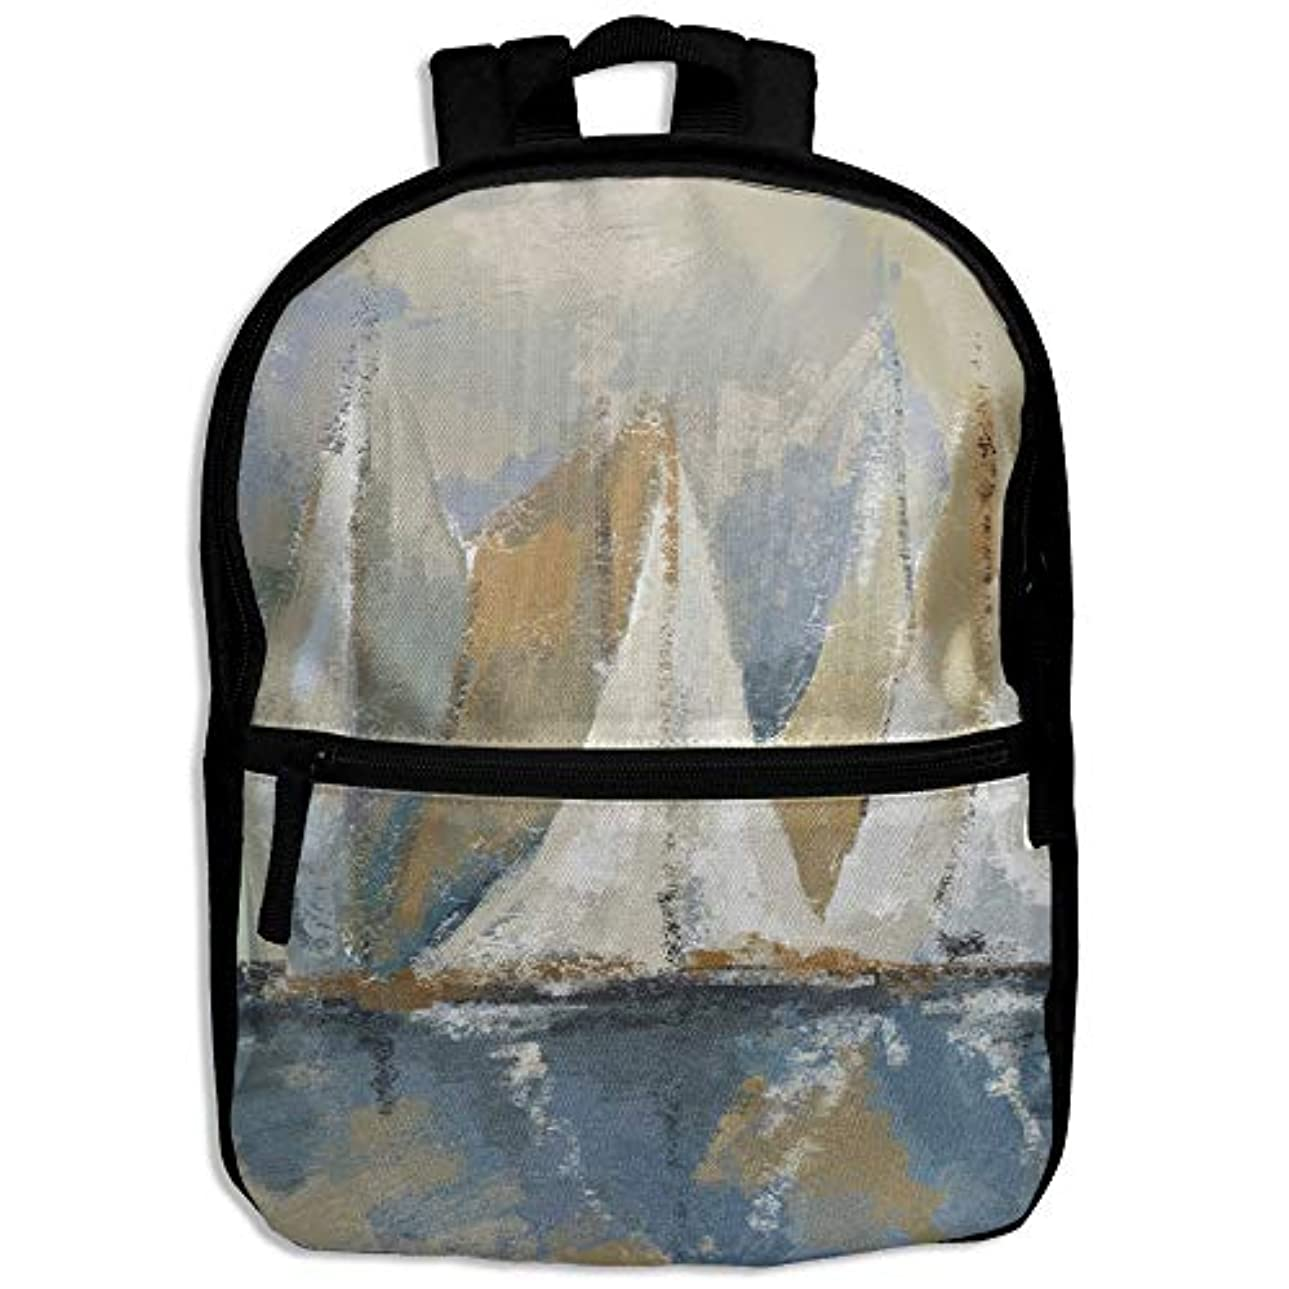 文字対処する父方のキッズバッグ キッズ リュックサック バックパック 子供用のバッグ 学生 リュックサック 水上のヨット アウトドア 通学 ハイキング 遠足